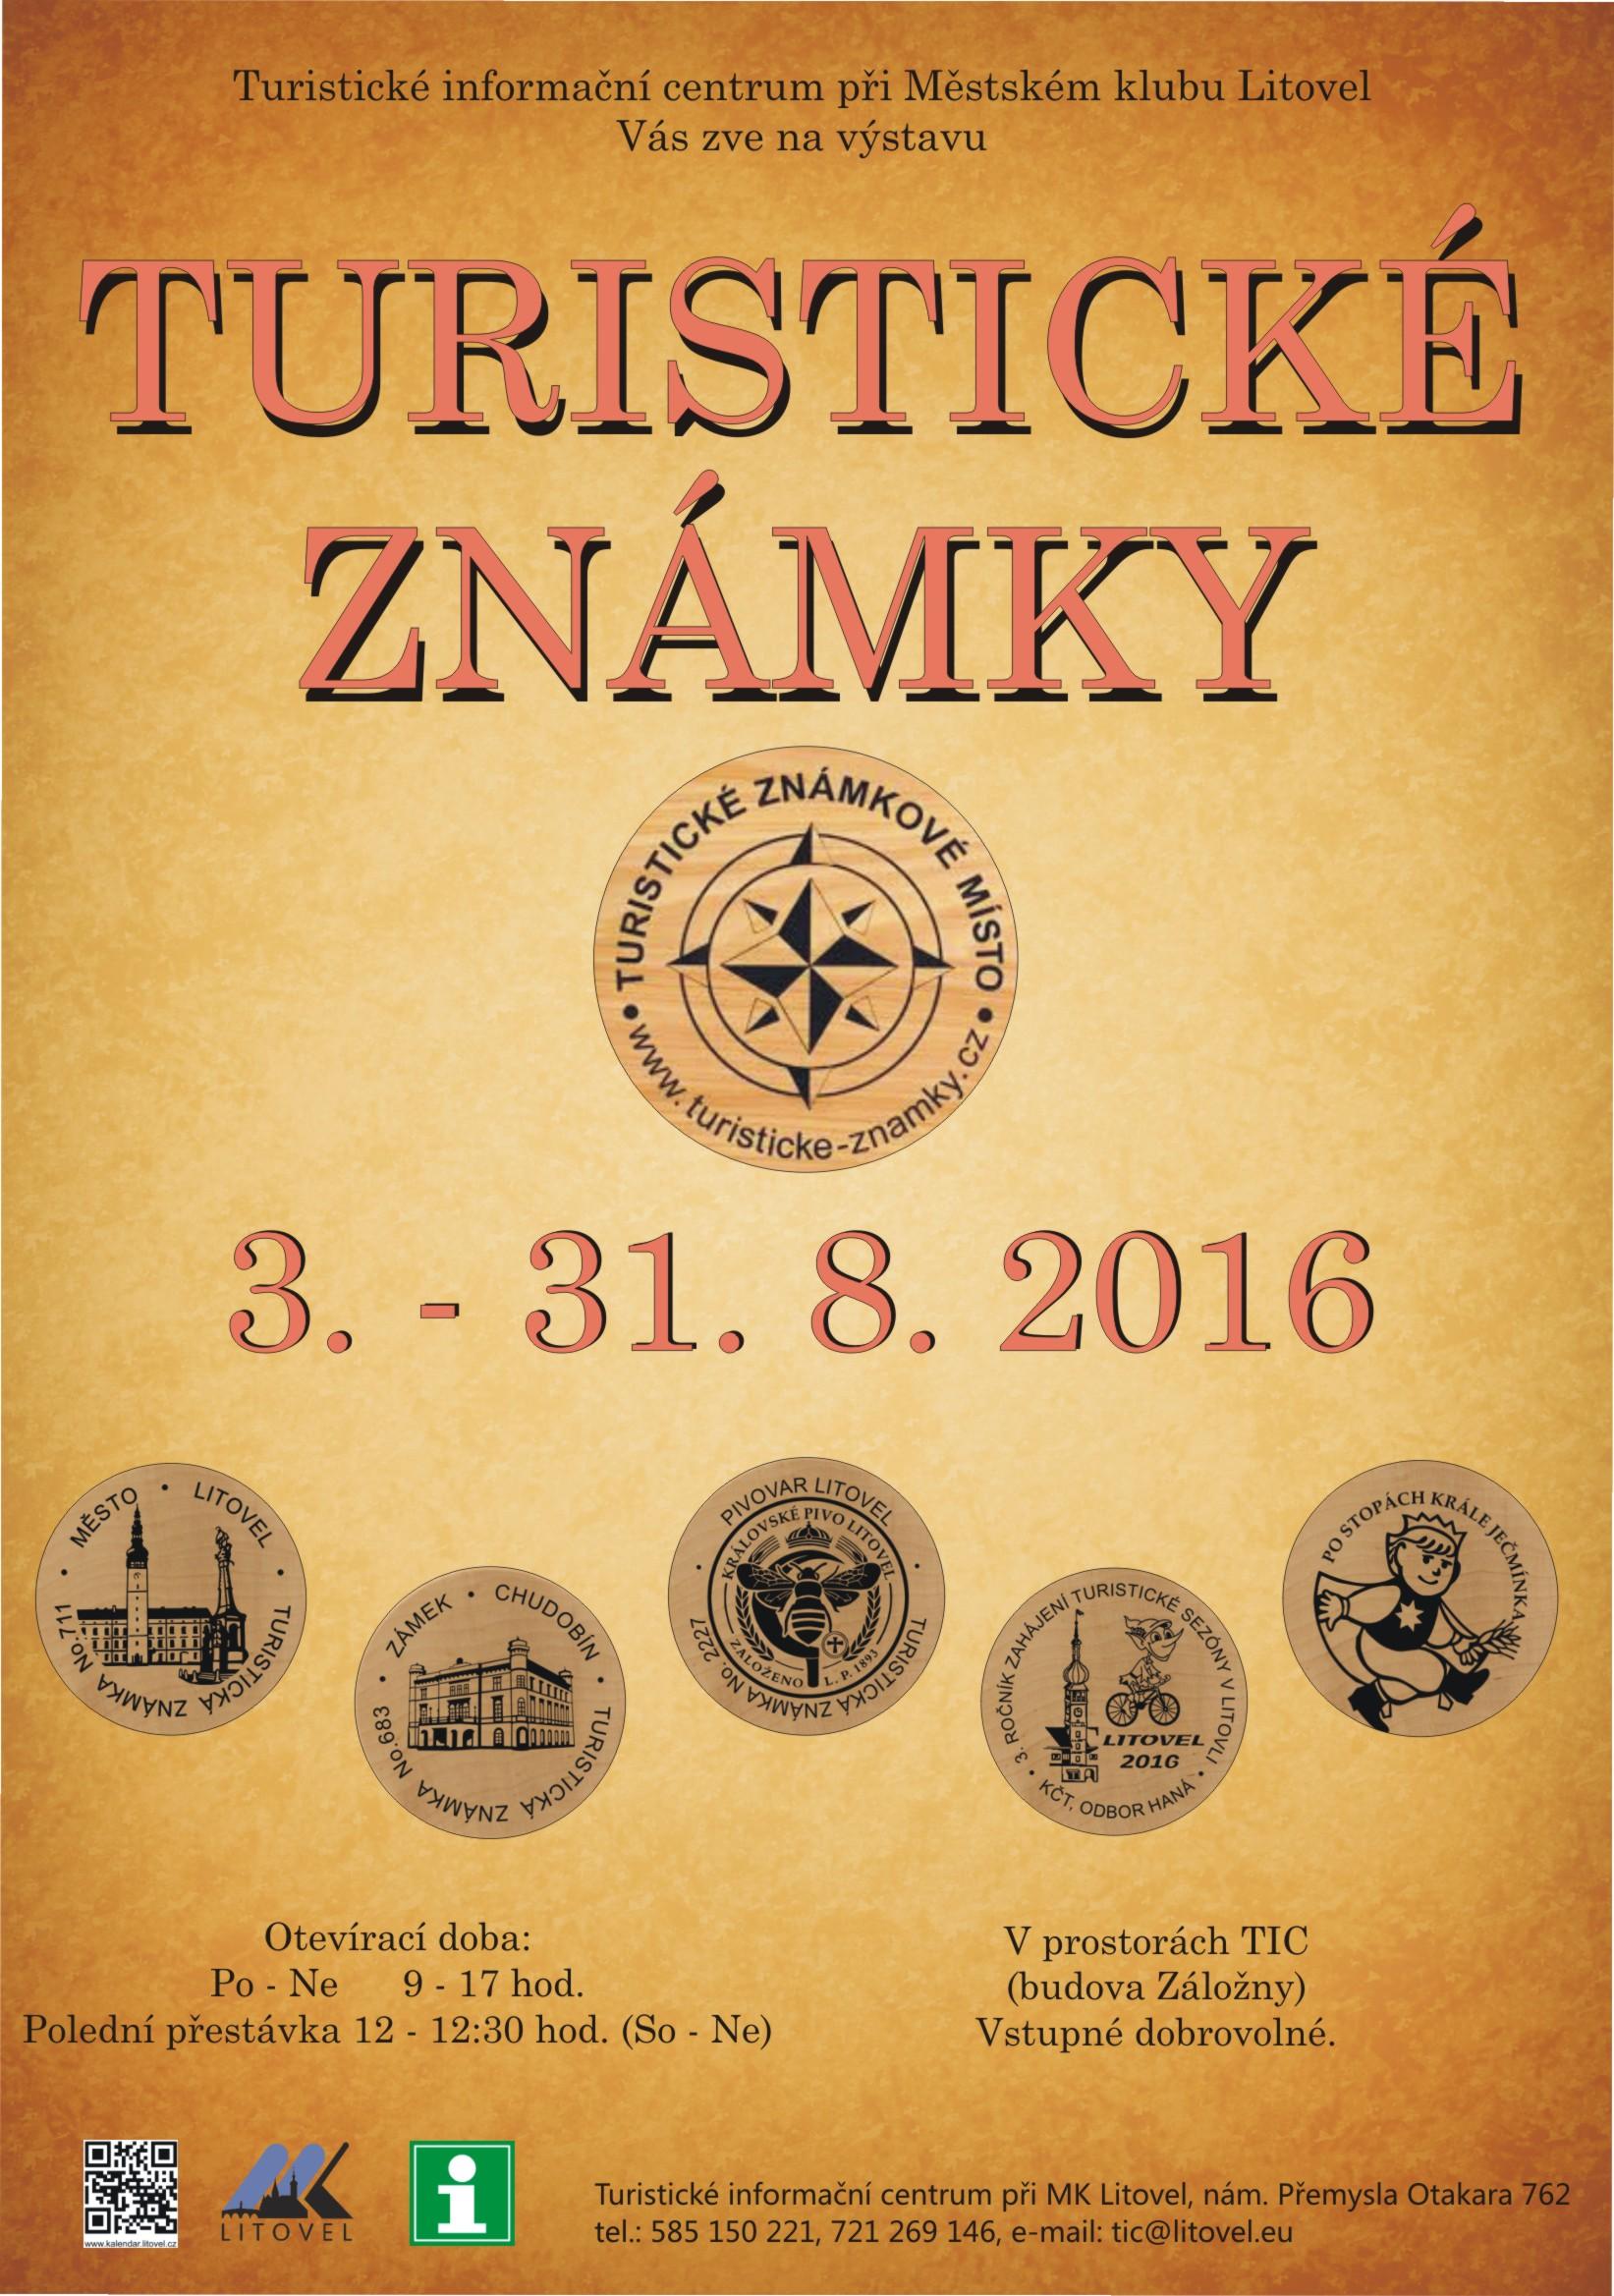 Výstava turistických známek, obrázek se otevře v novém okně